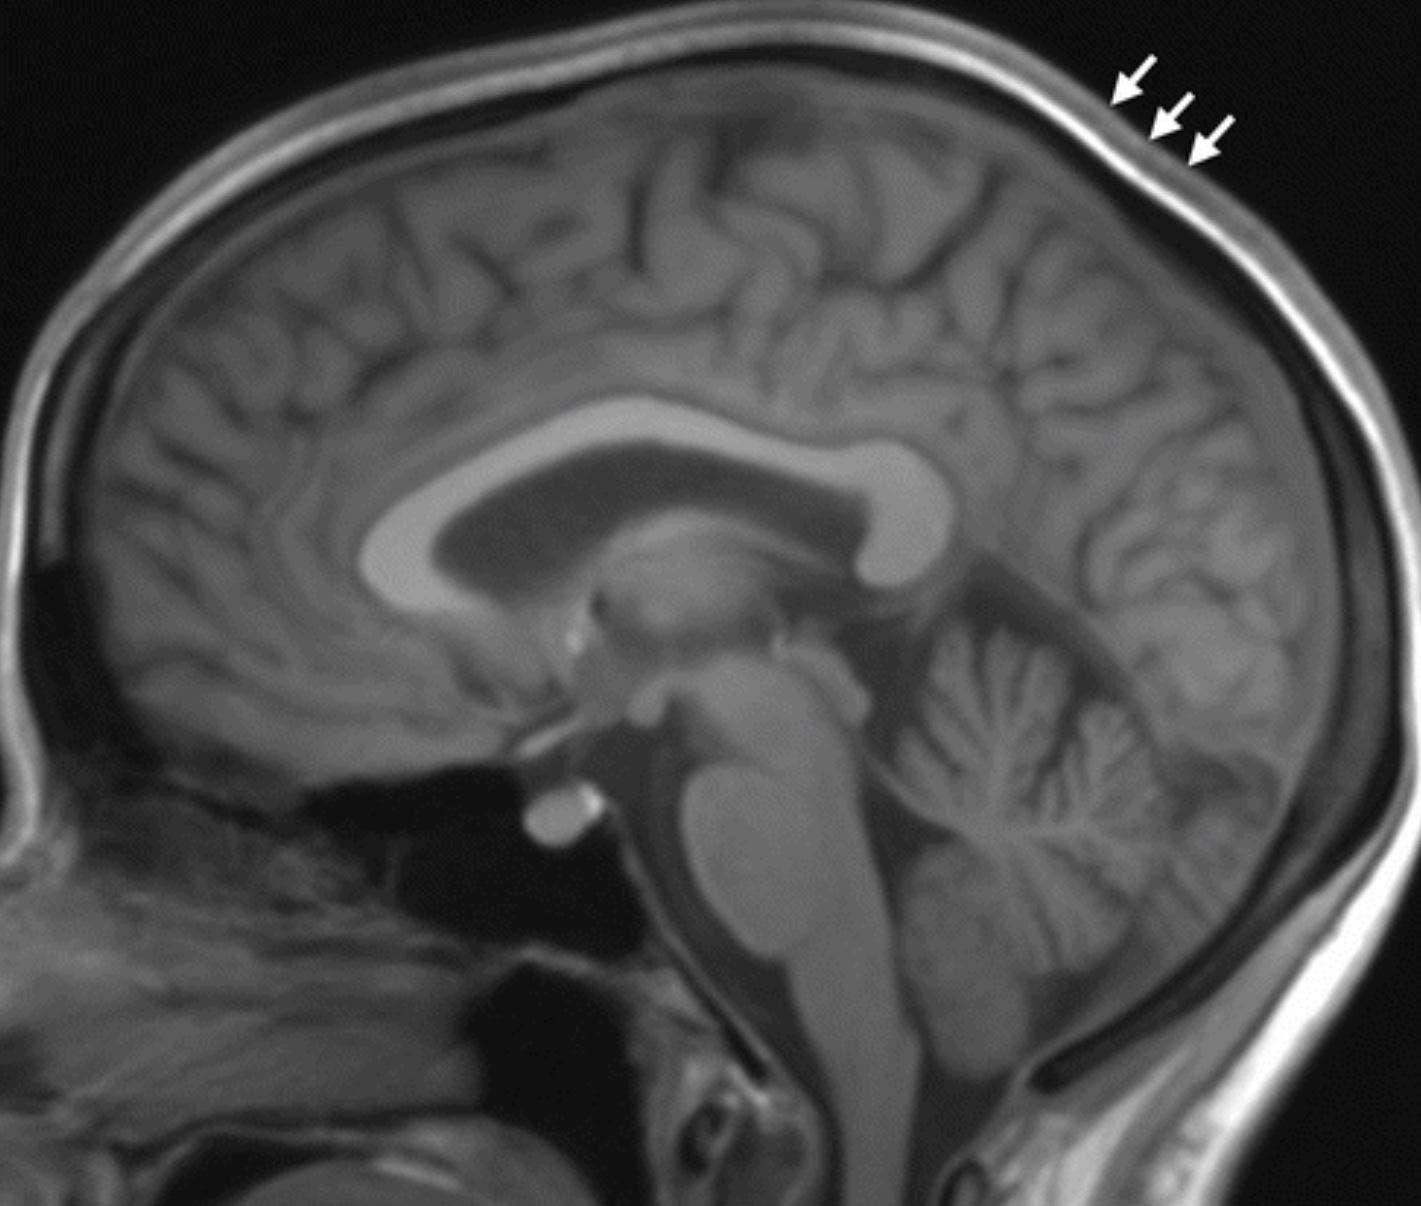 دماغ رائد فضاء